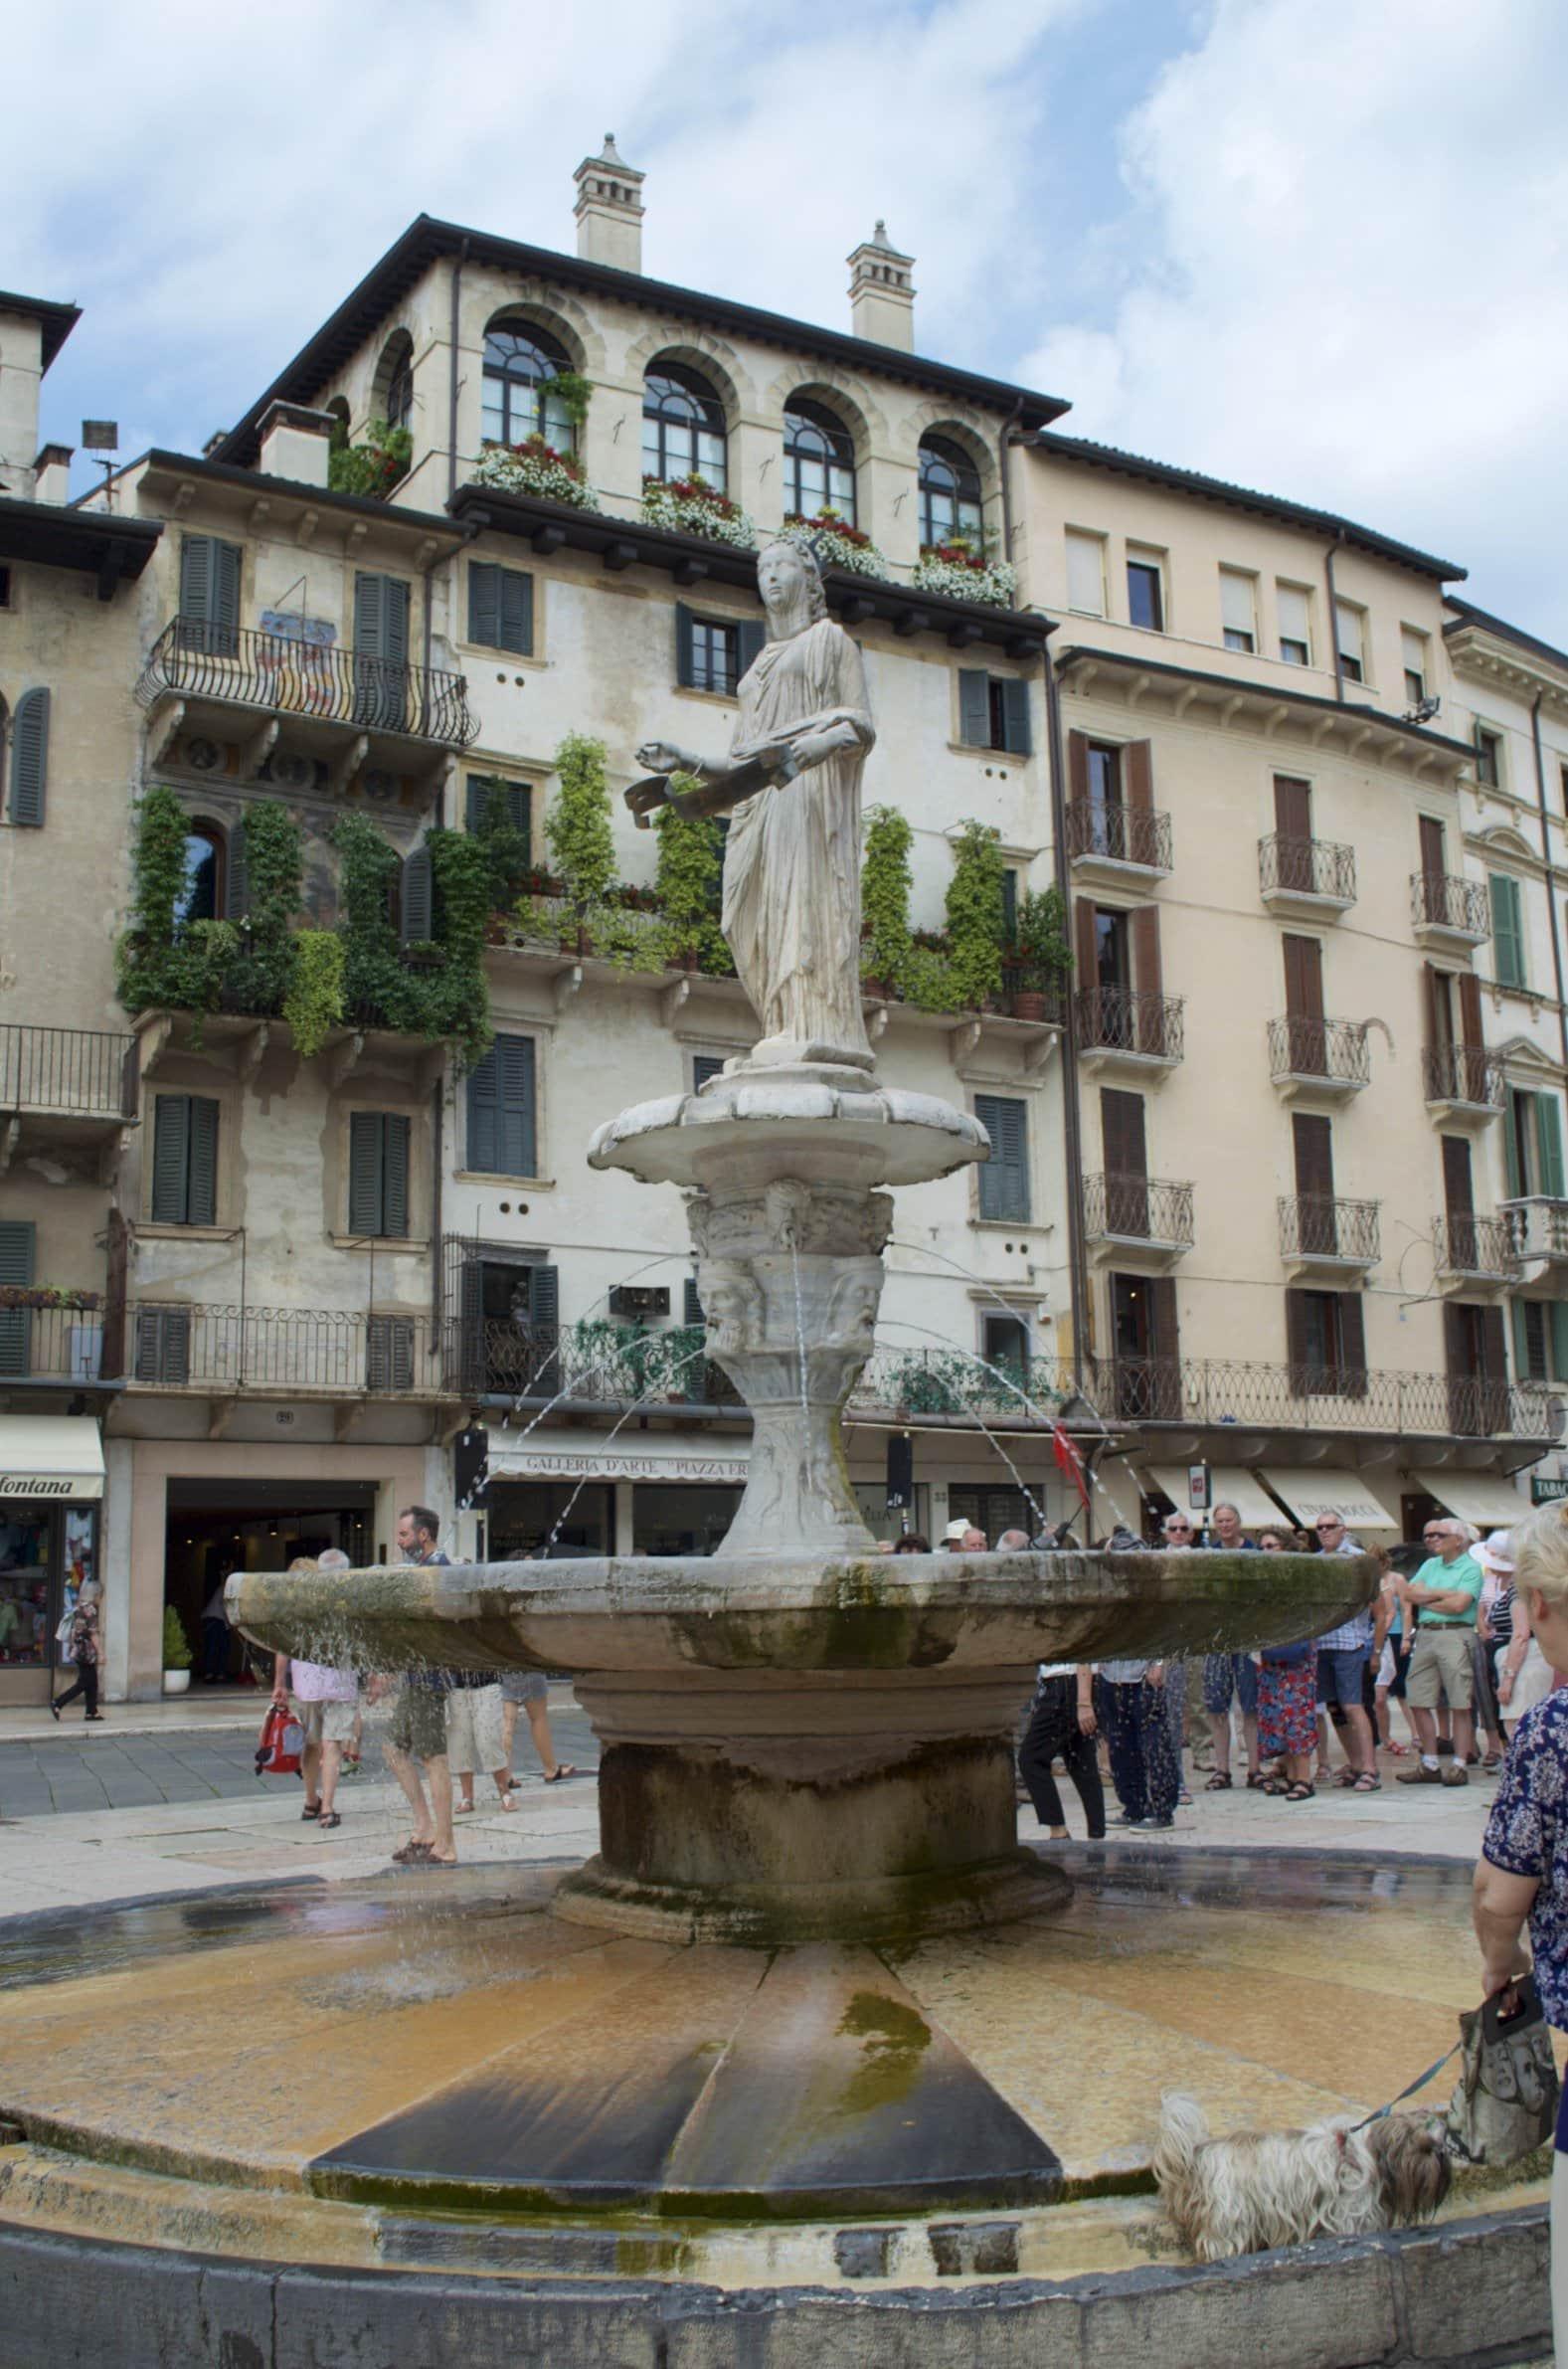 Brunnen am Piazza delle Erbe Verona